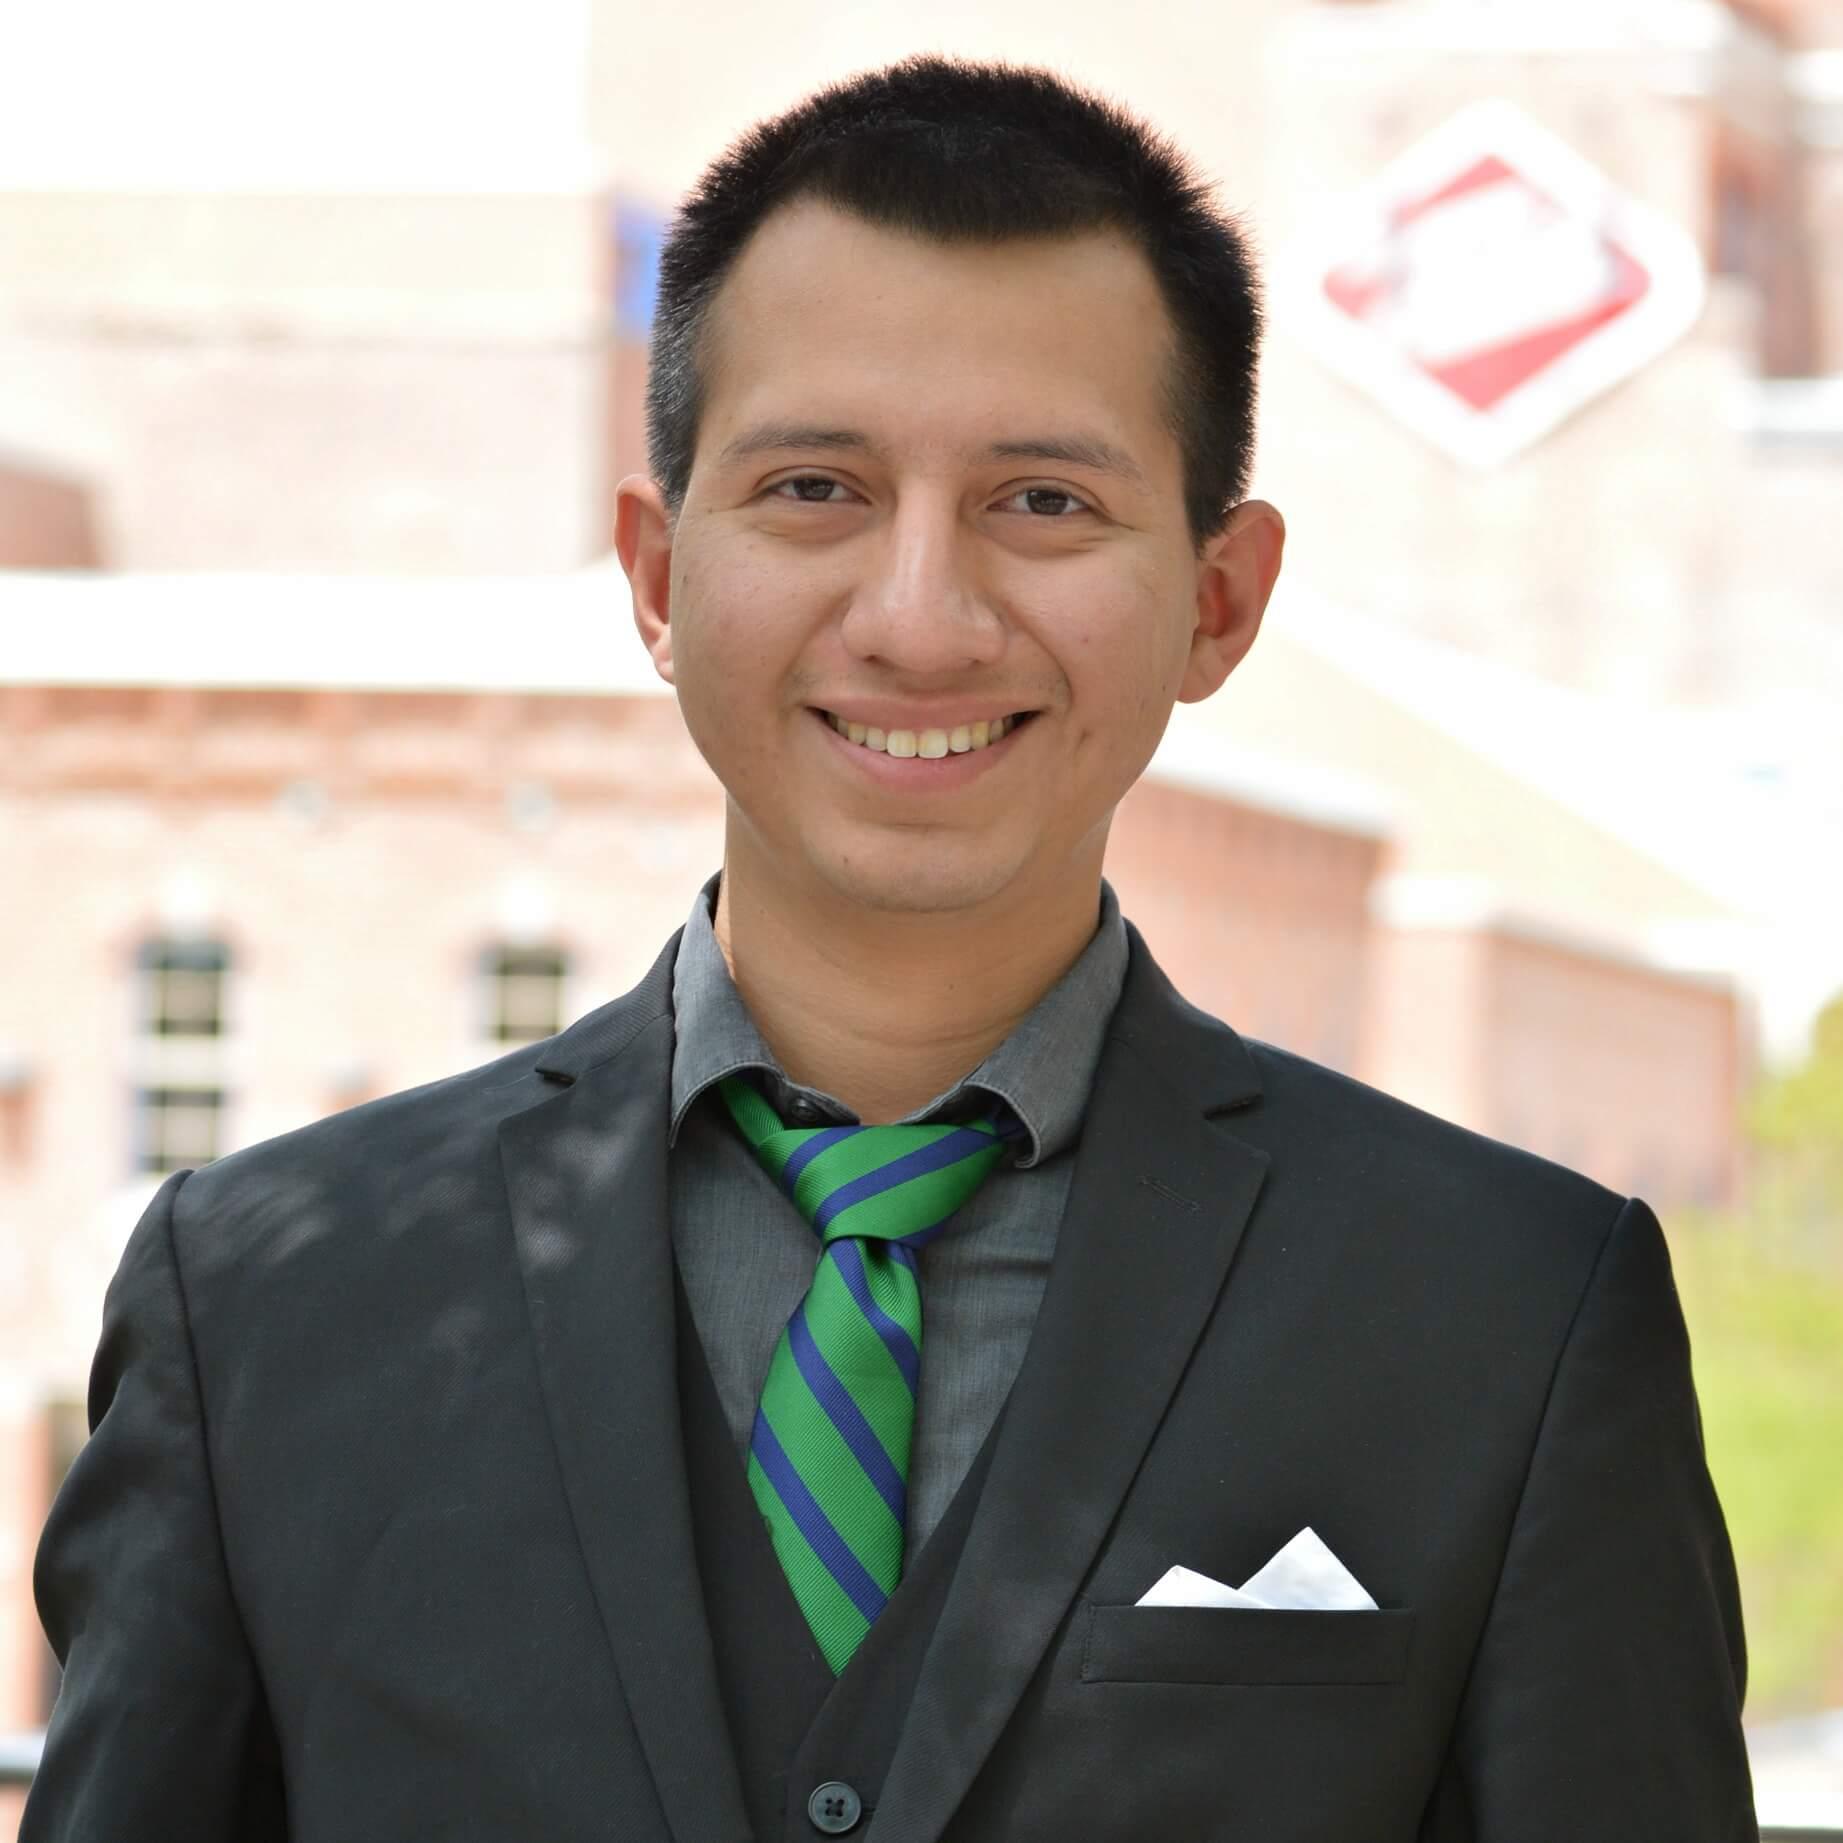 Esteban Fernandez